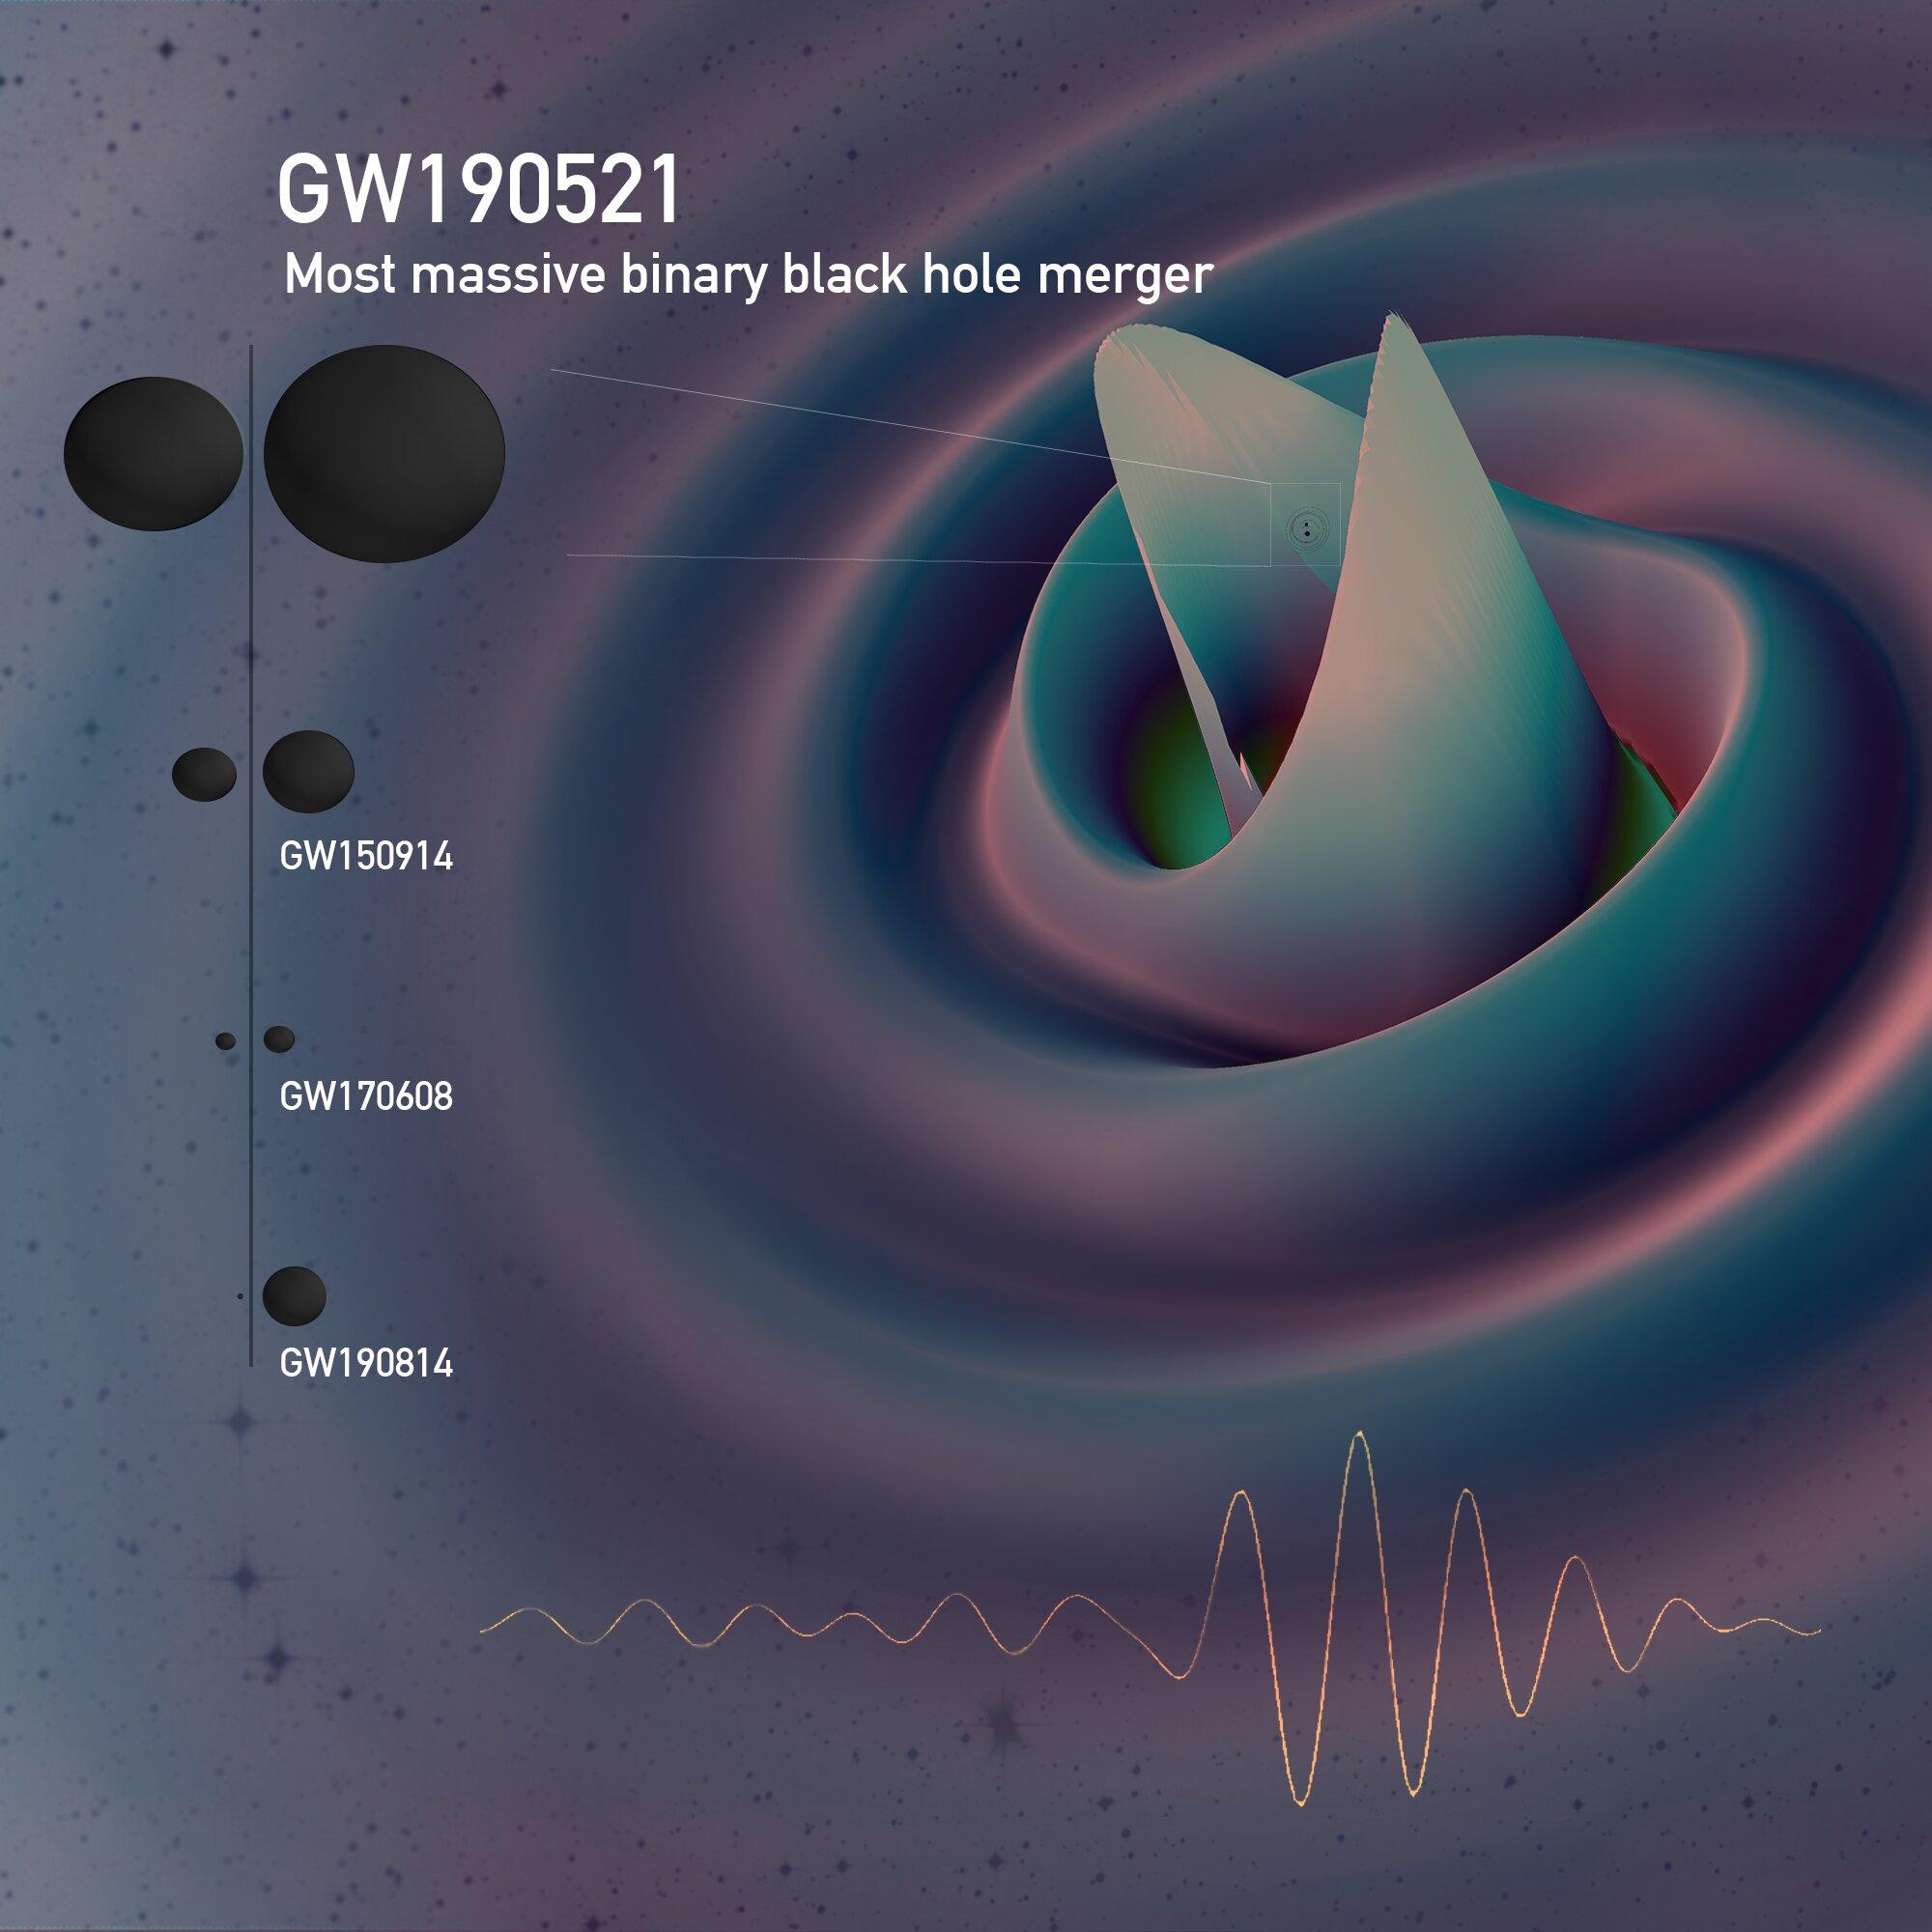 Nejmasivnější gravitační událost. Kredit: D. Ferguson, K. Jani, D. Shoemaker, P. Laguna, Georgia Tech, MAYA Collaboration).